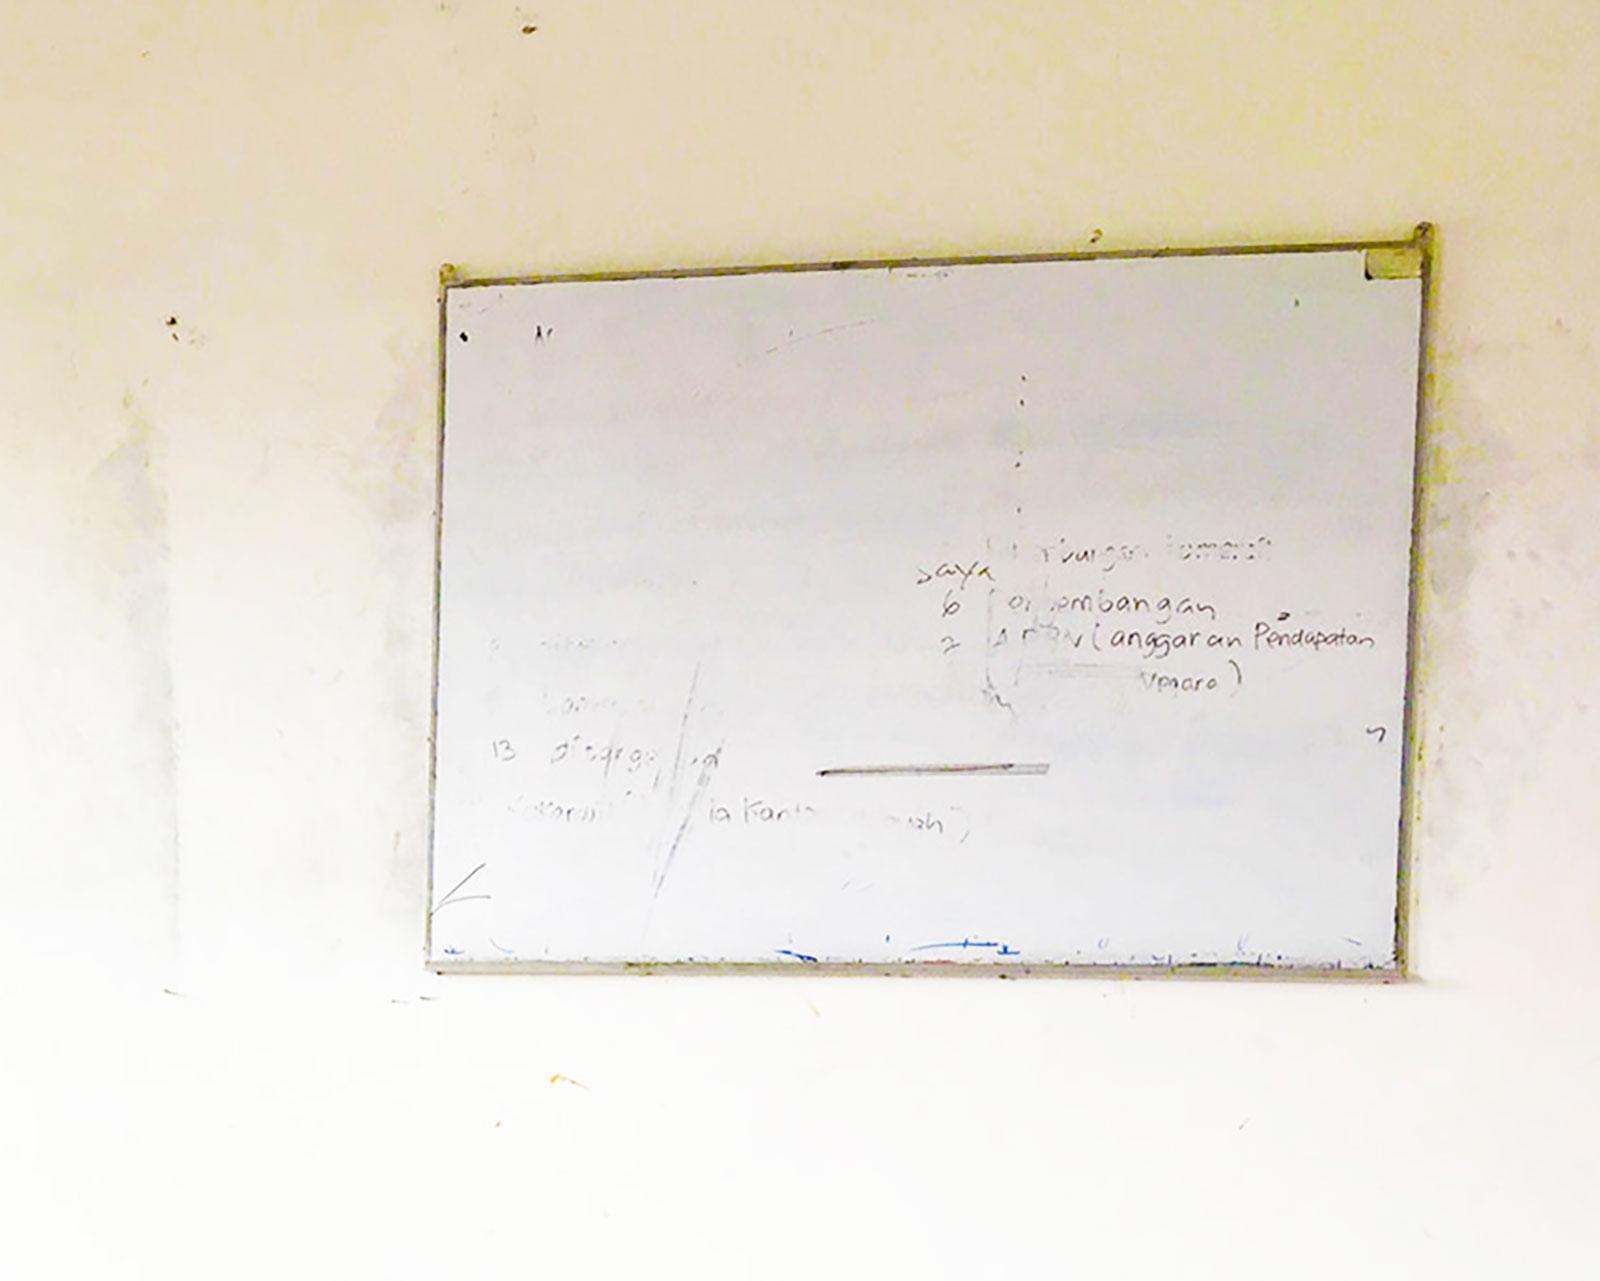 ウダヤナ大学授業